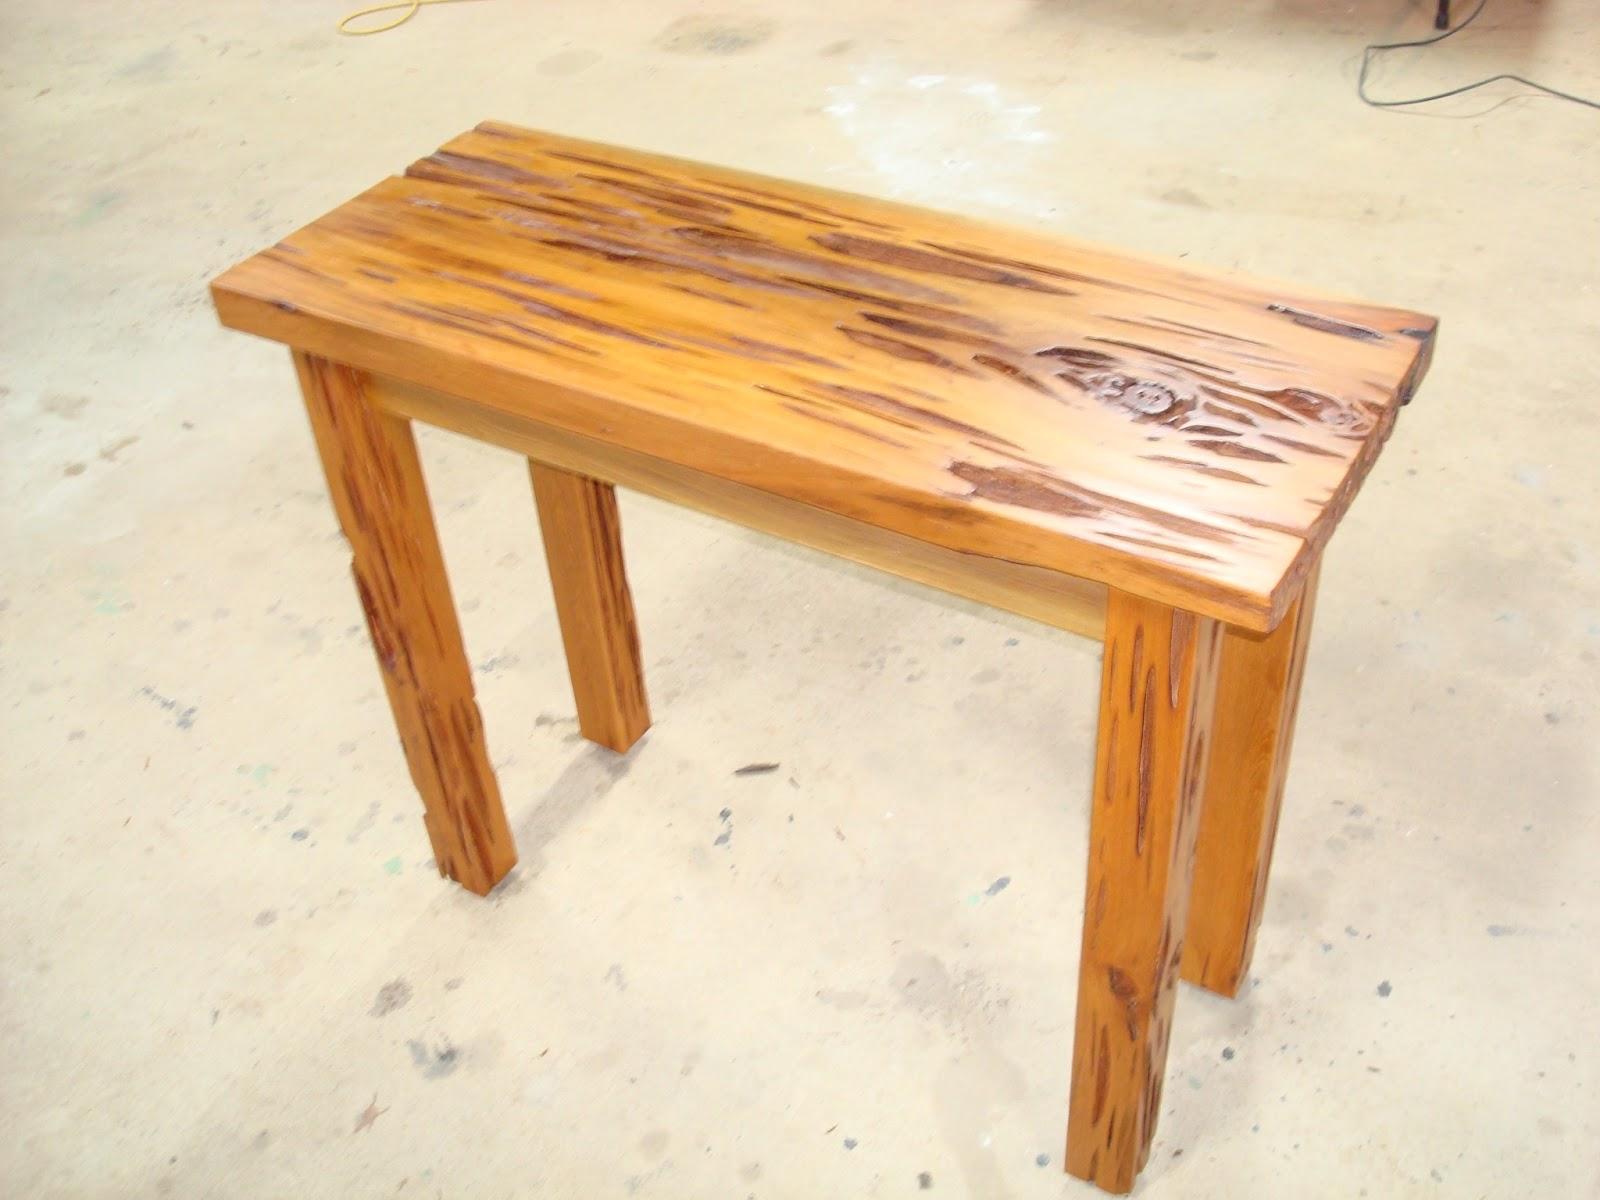 Etonnant Pecky Cypress Table